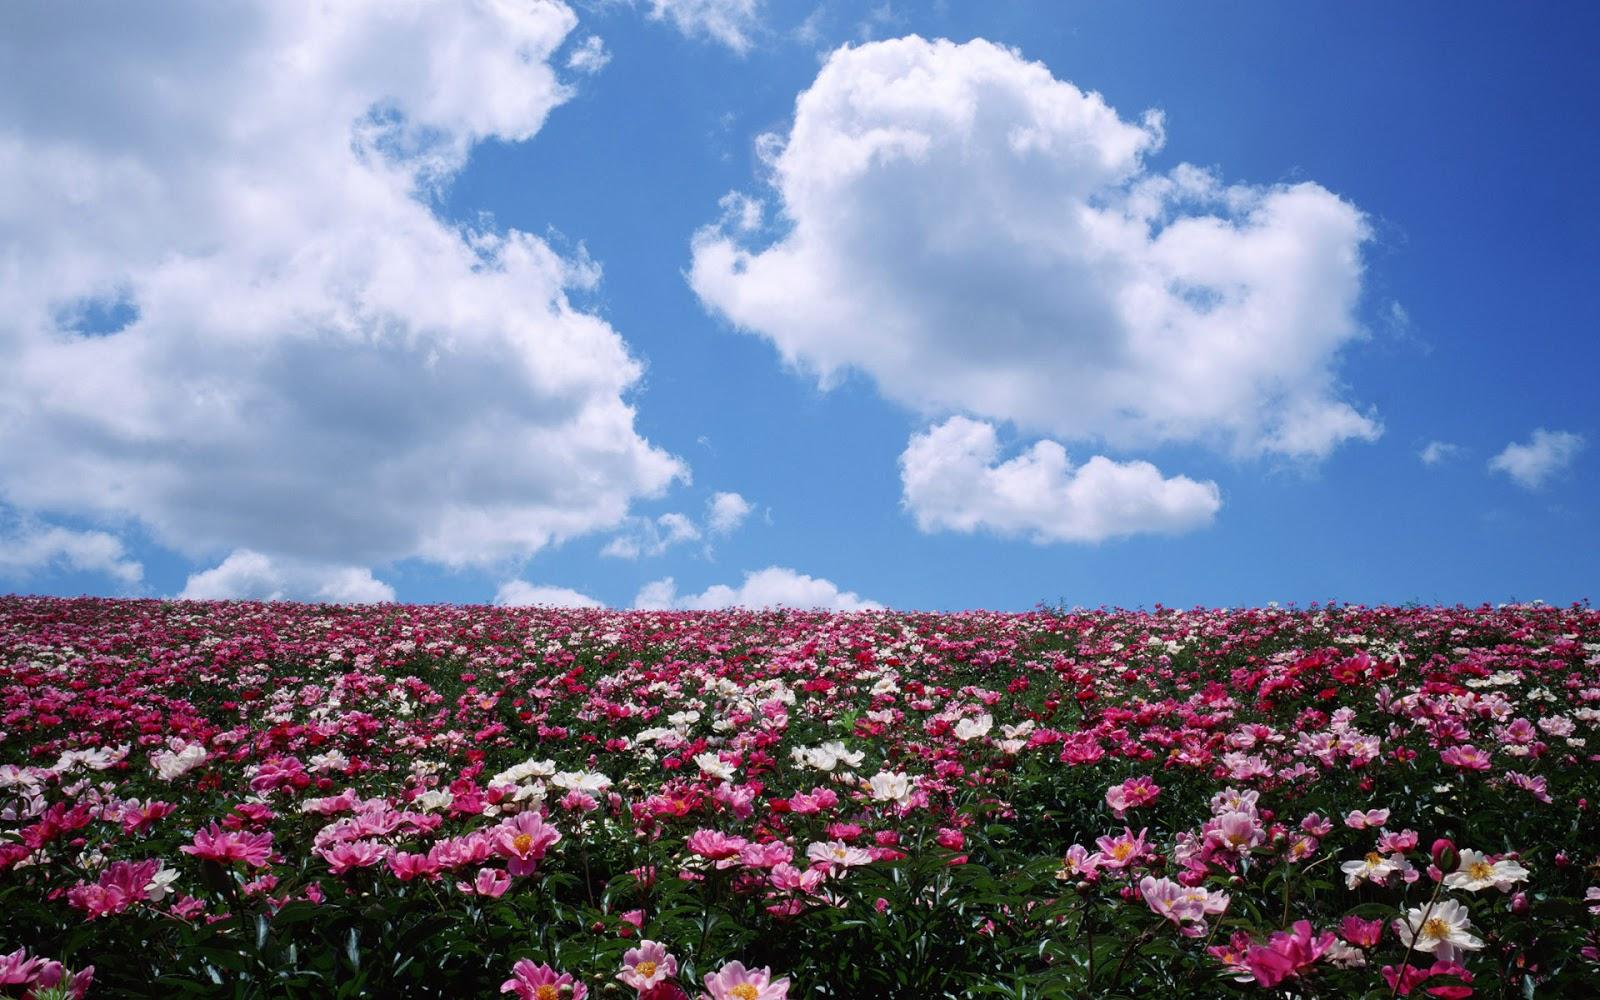 Fotos De Paisajes Llenos De Flores - Yun Gratis Fotos : No 3458 Cerezo flor lleno [Japón Tokio]